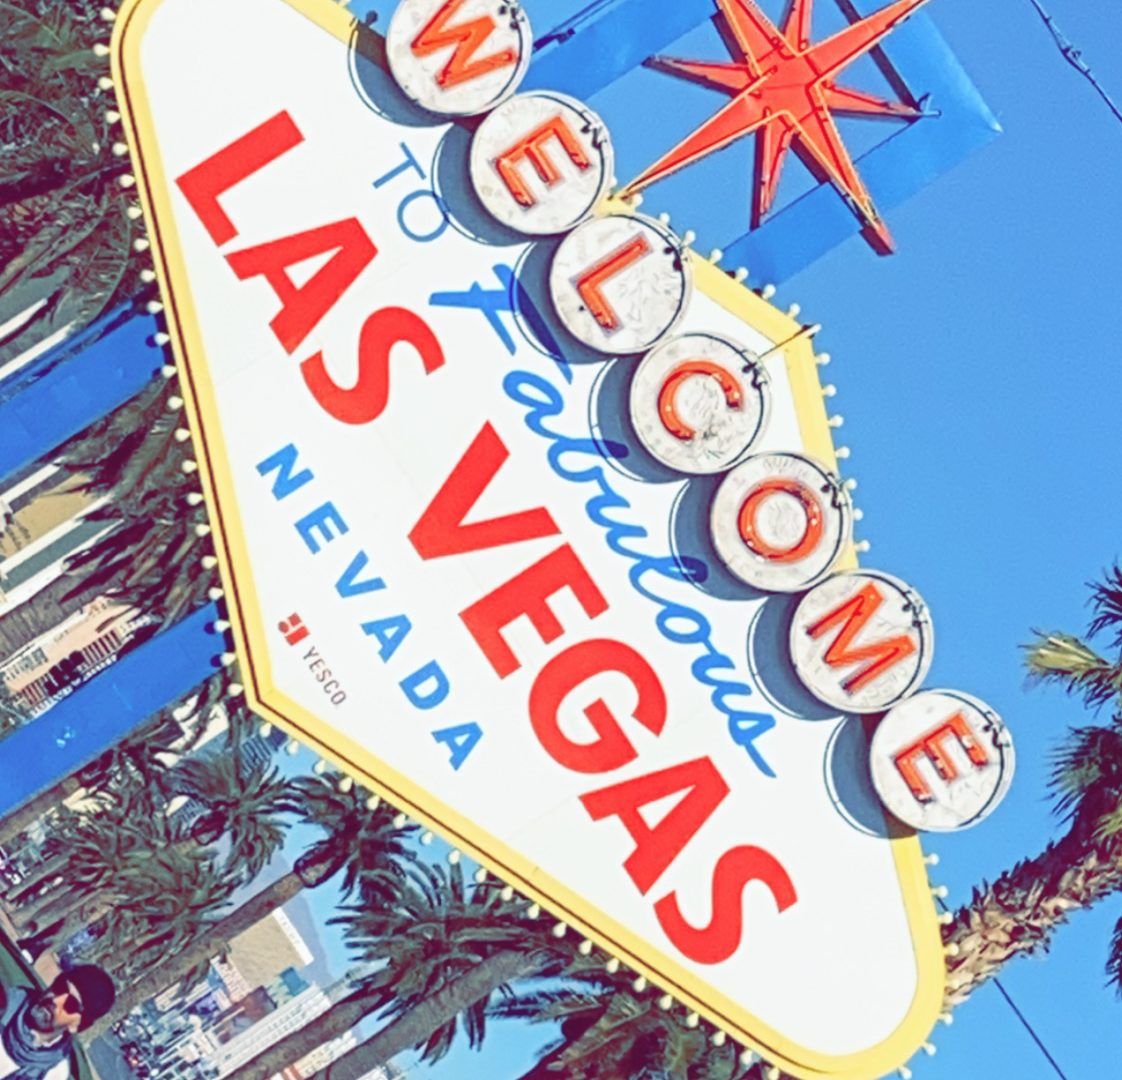 CES Las Vegas 2020